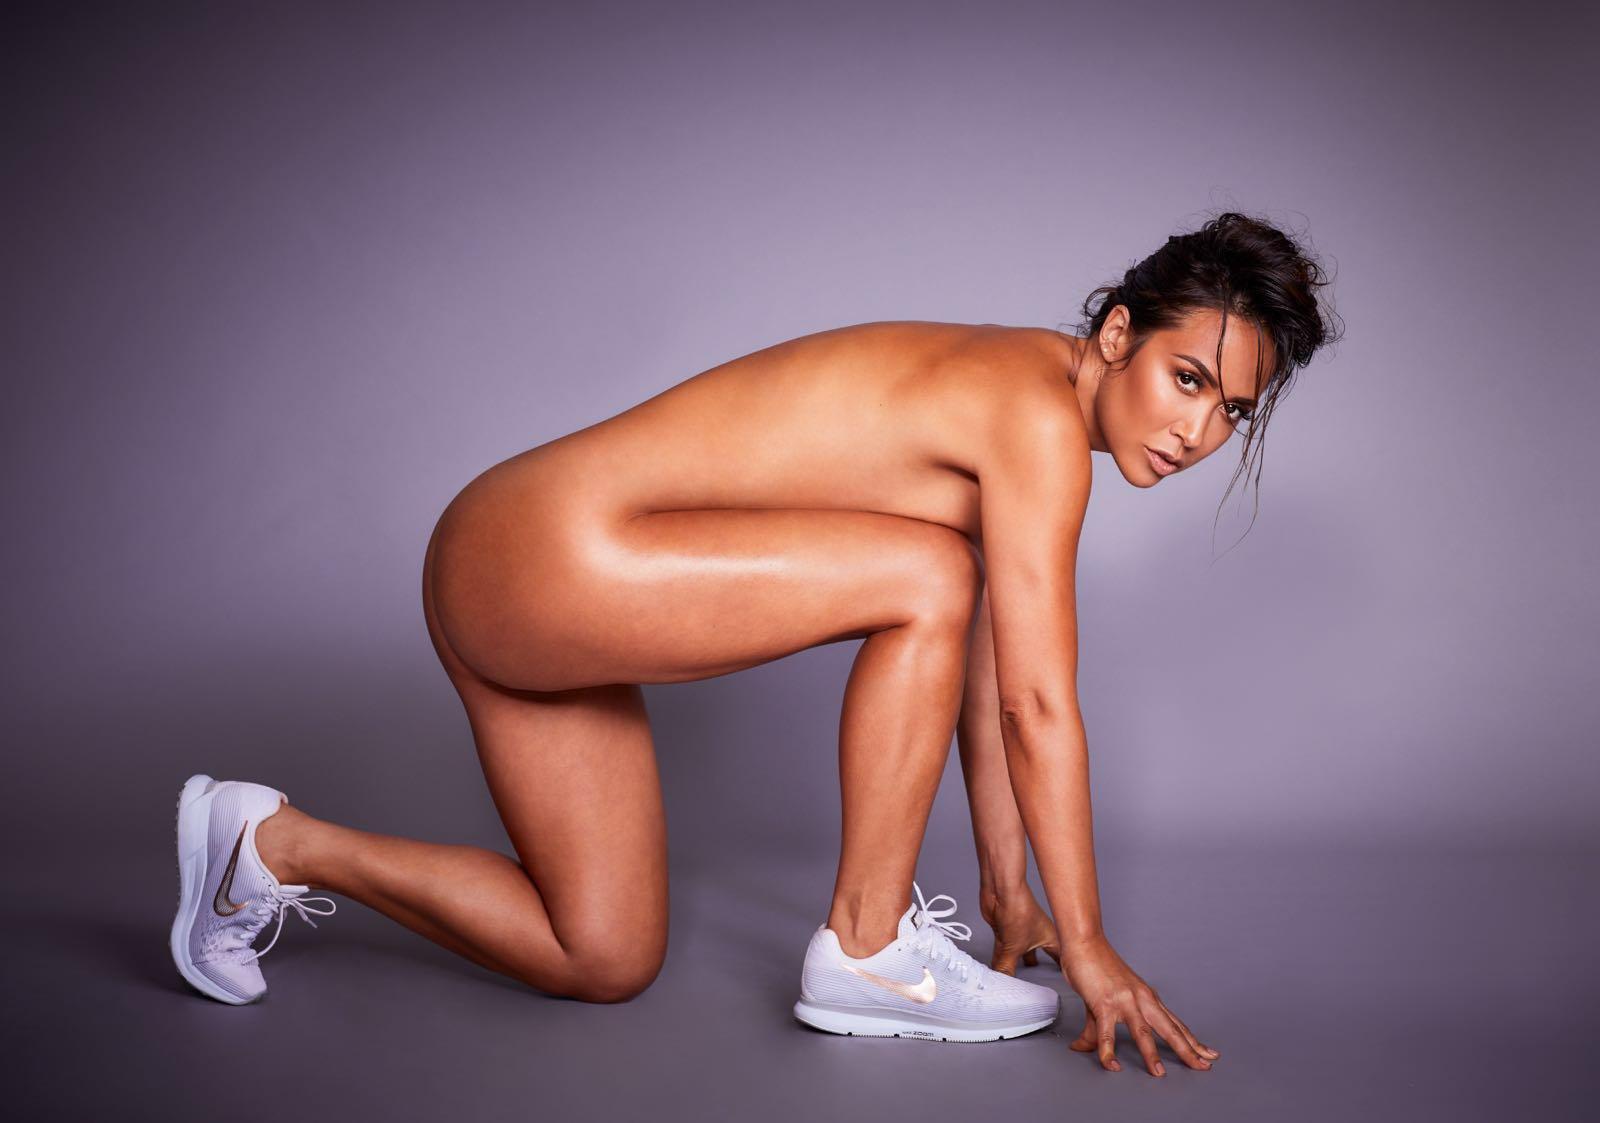 Sallie axl nude naked